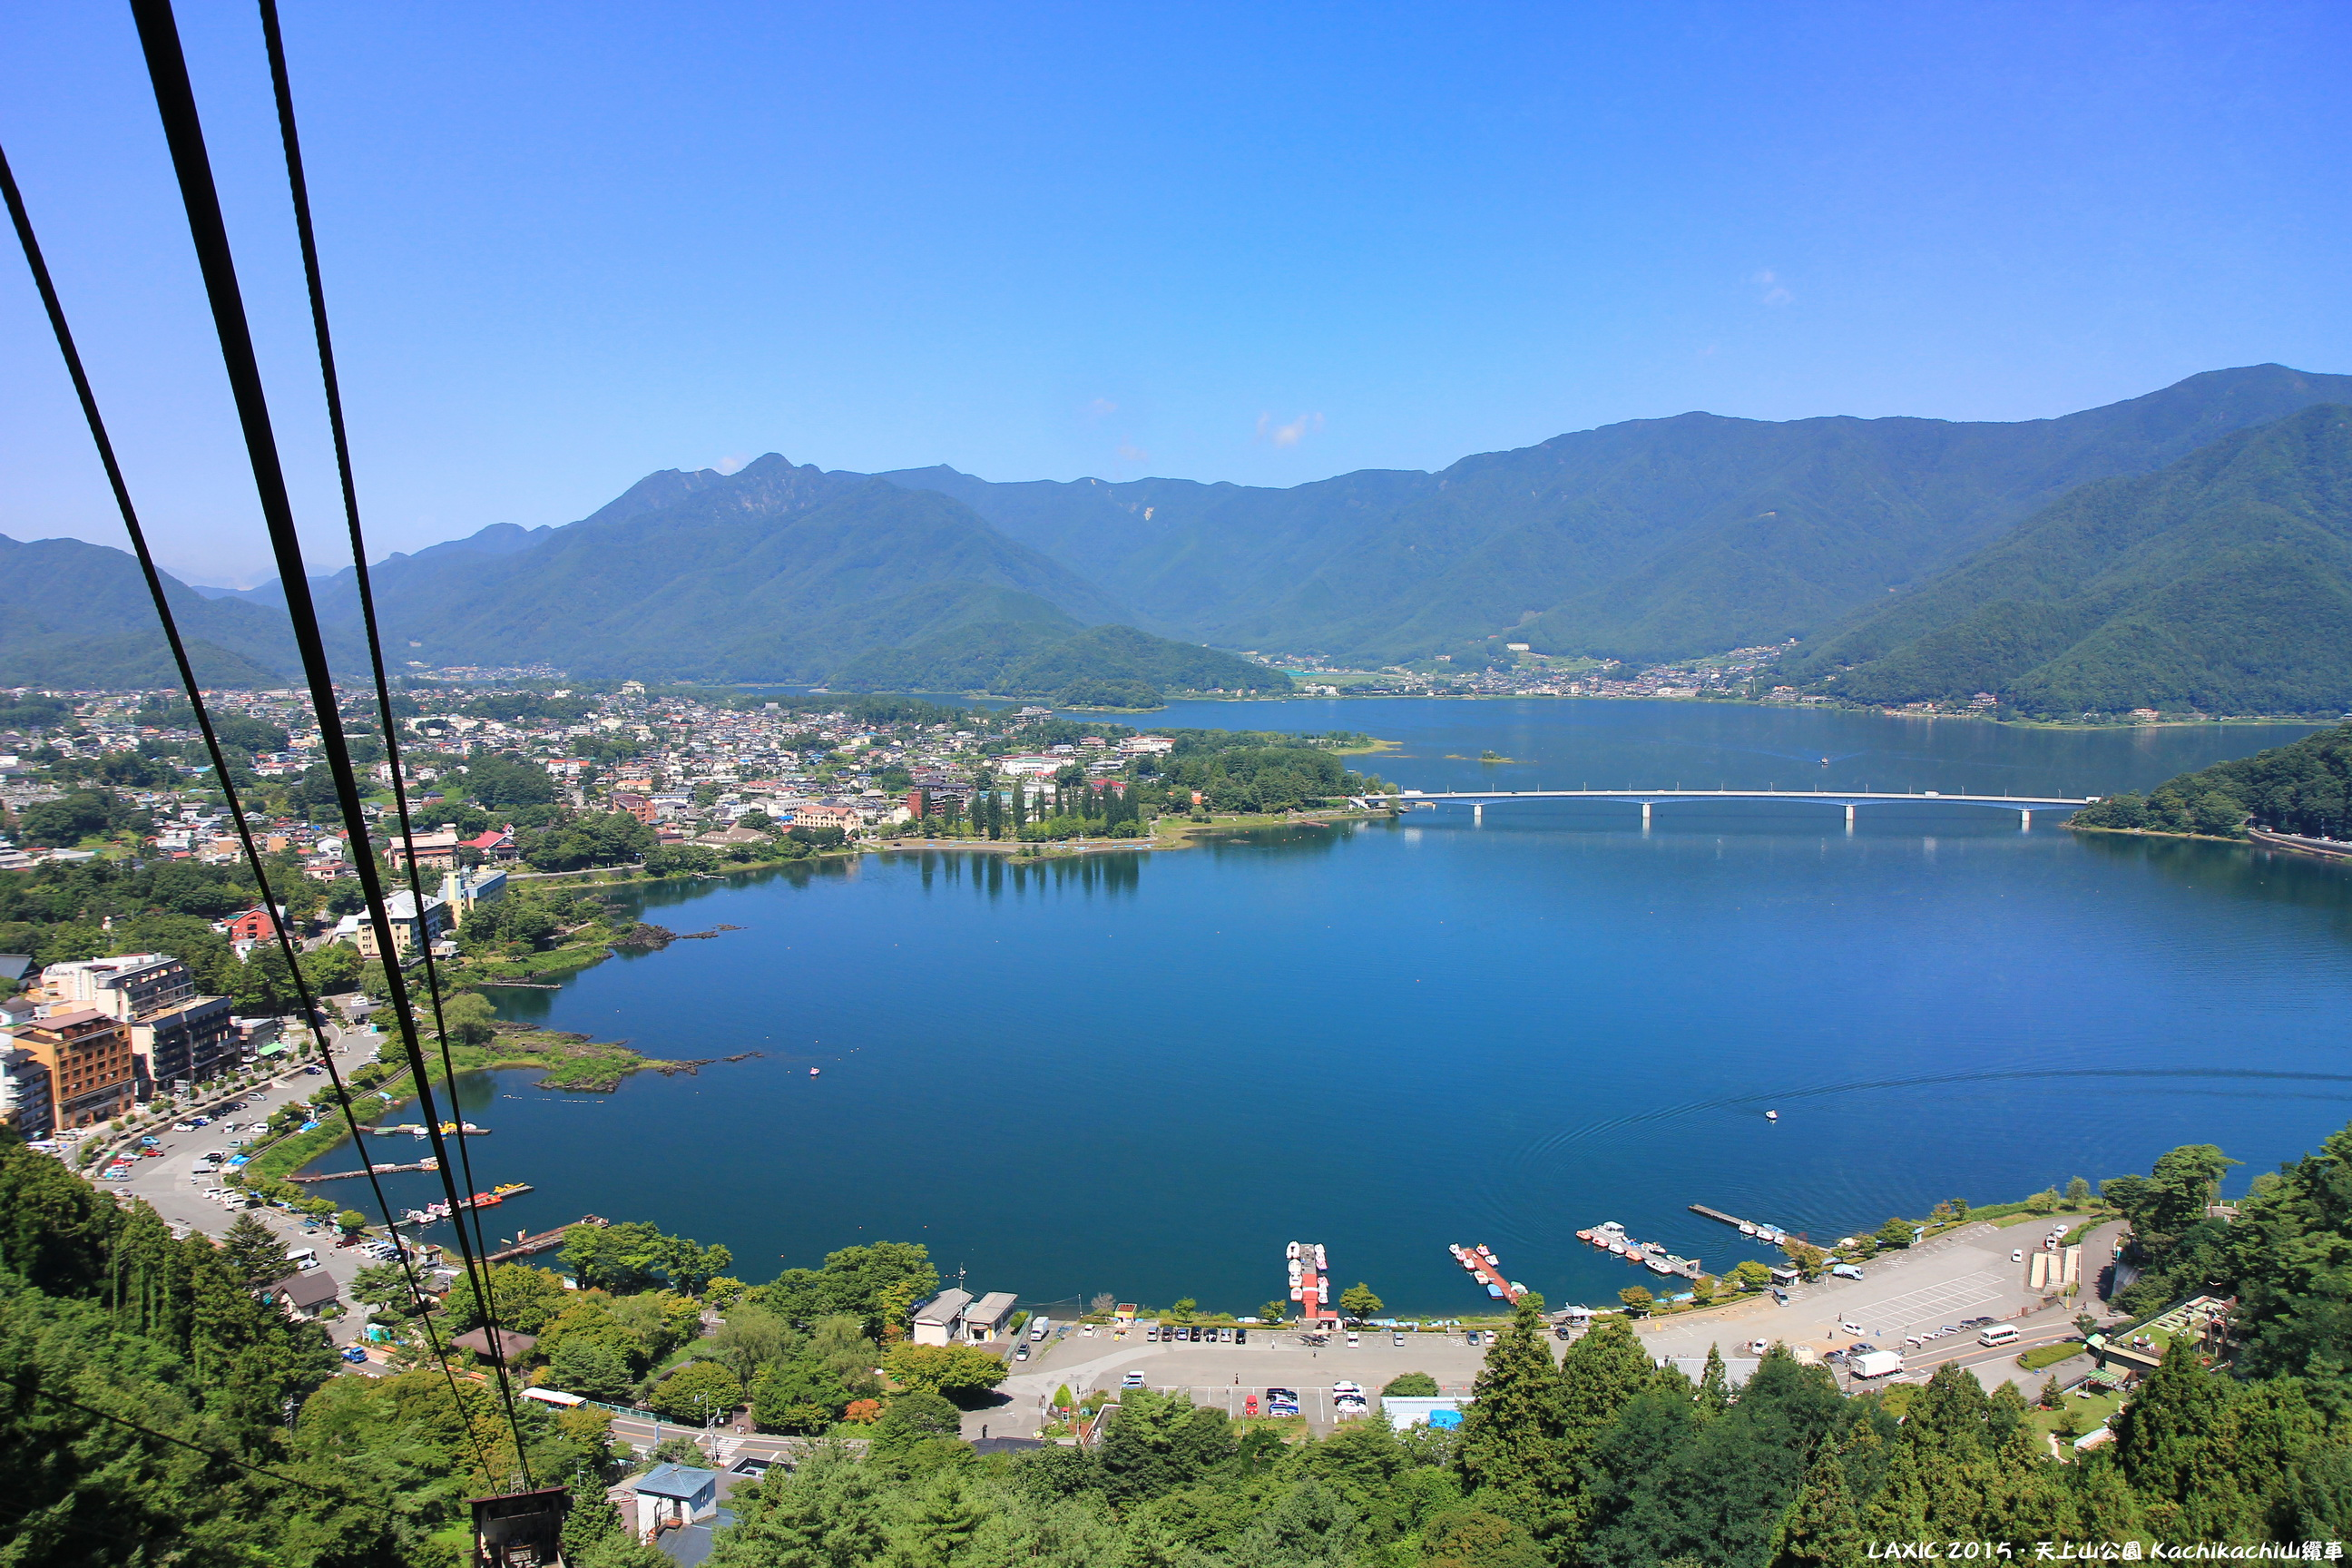 2015.08 天上山公園 Kachikachi山纜車